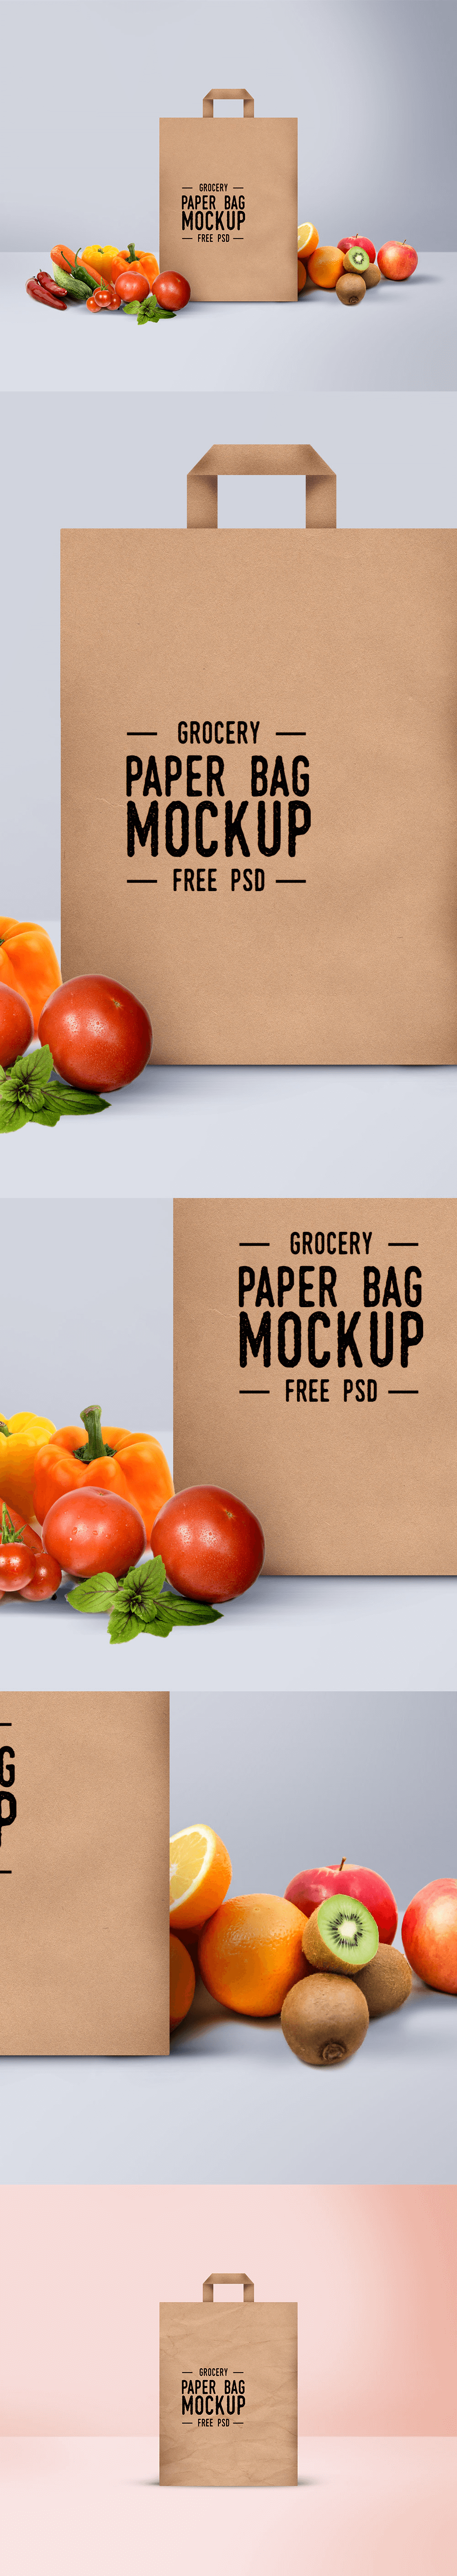 PSD мокап бумажного пакета. paper bag mockup